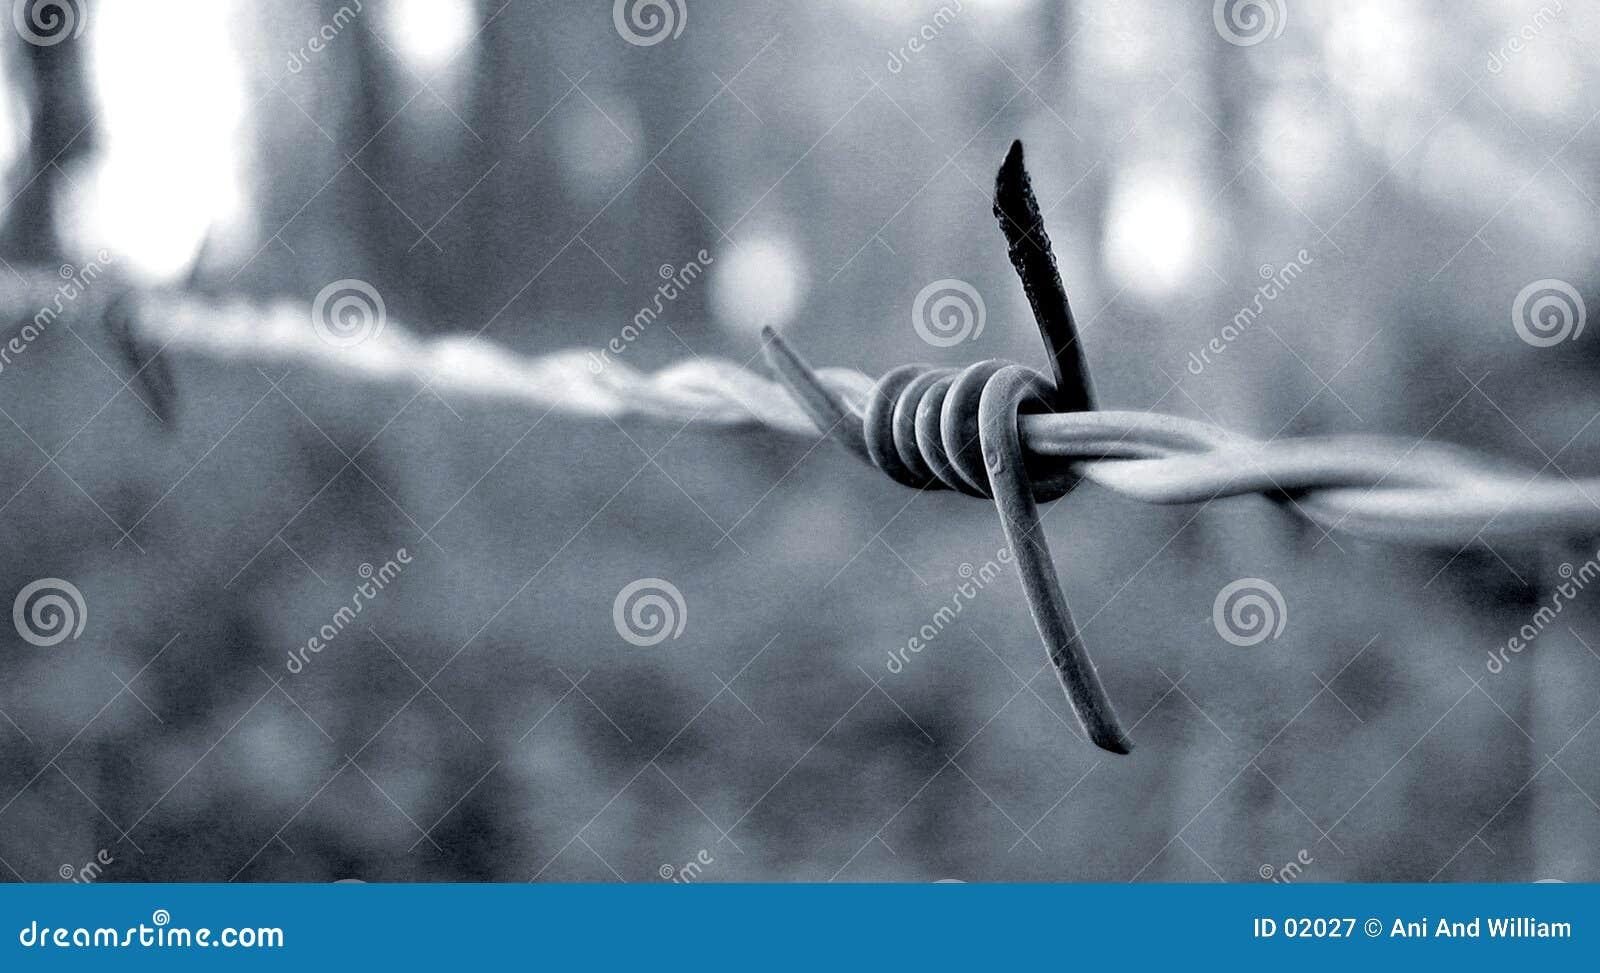 Cold wire